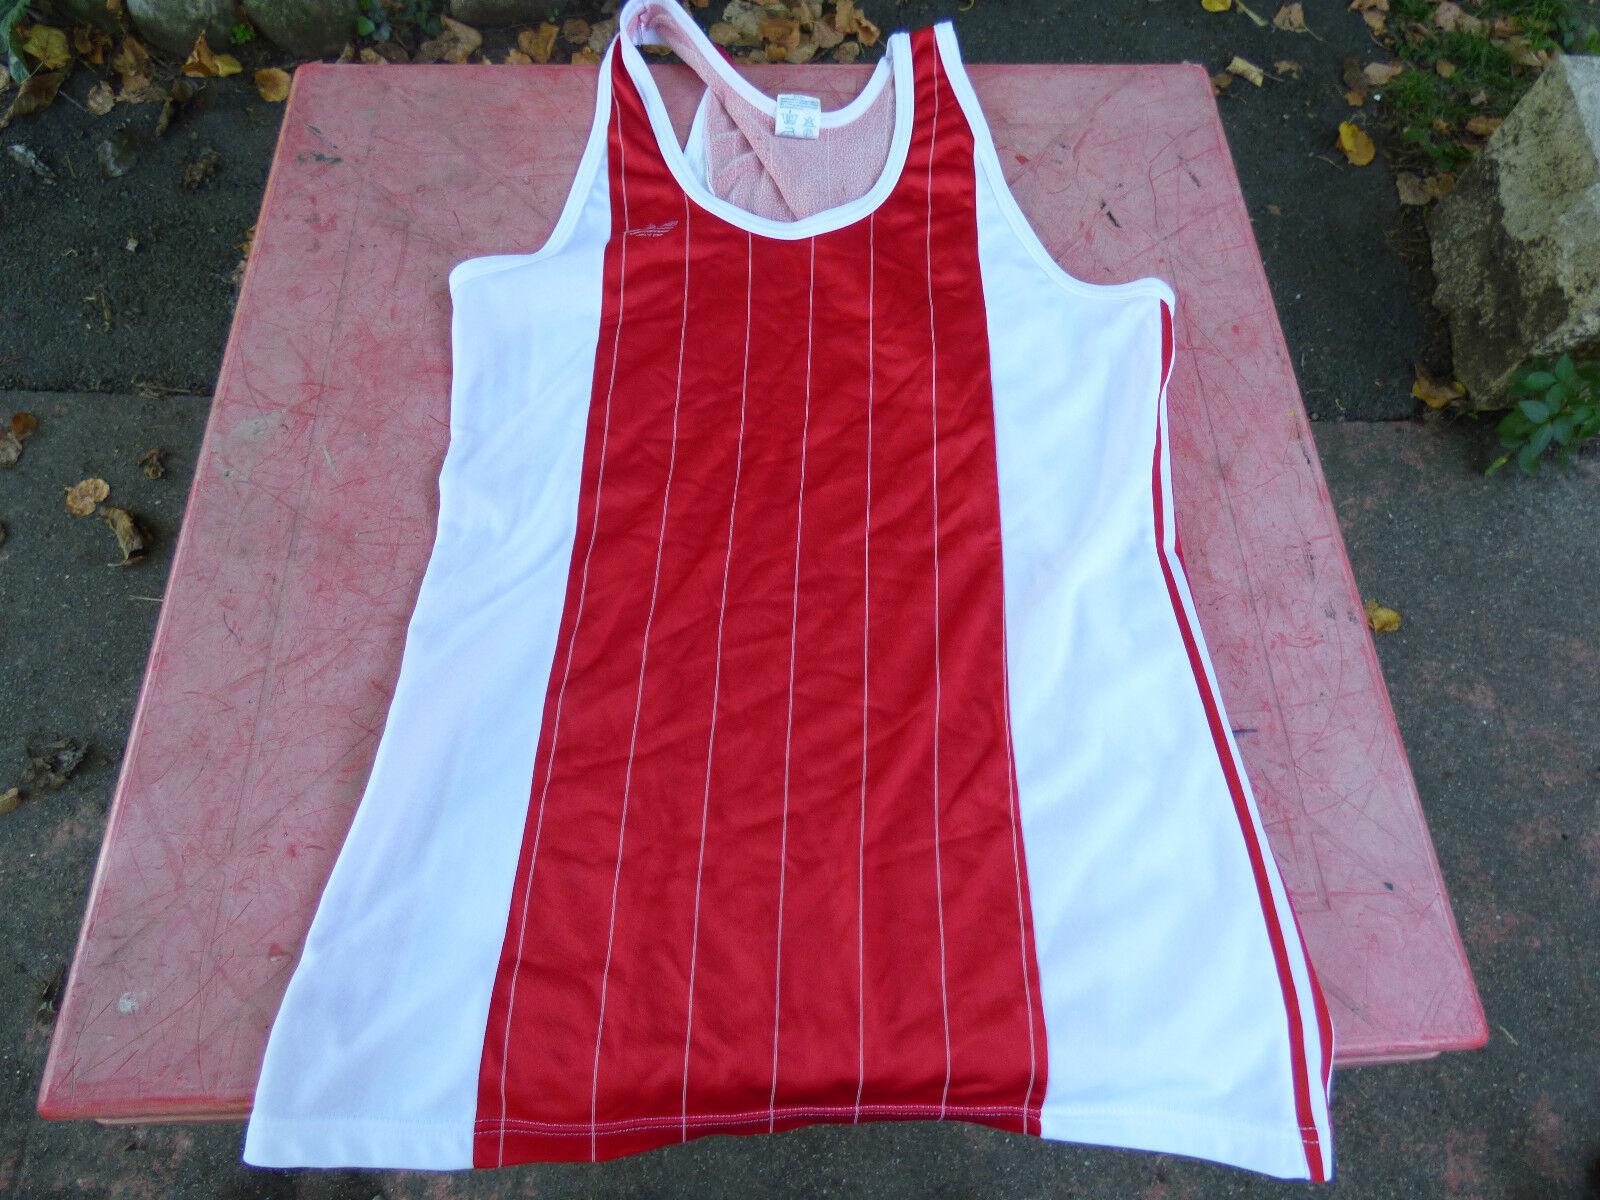 maillot et de basket vintage adidas ventex rouge et maillot blanc 64cm sur 44cm e7f0c9